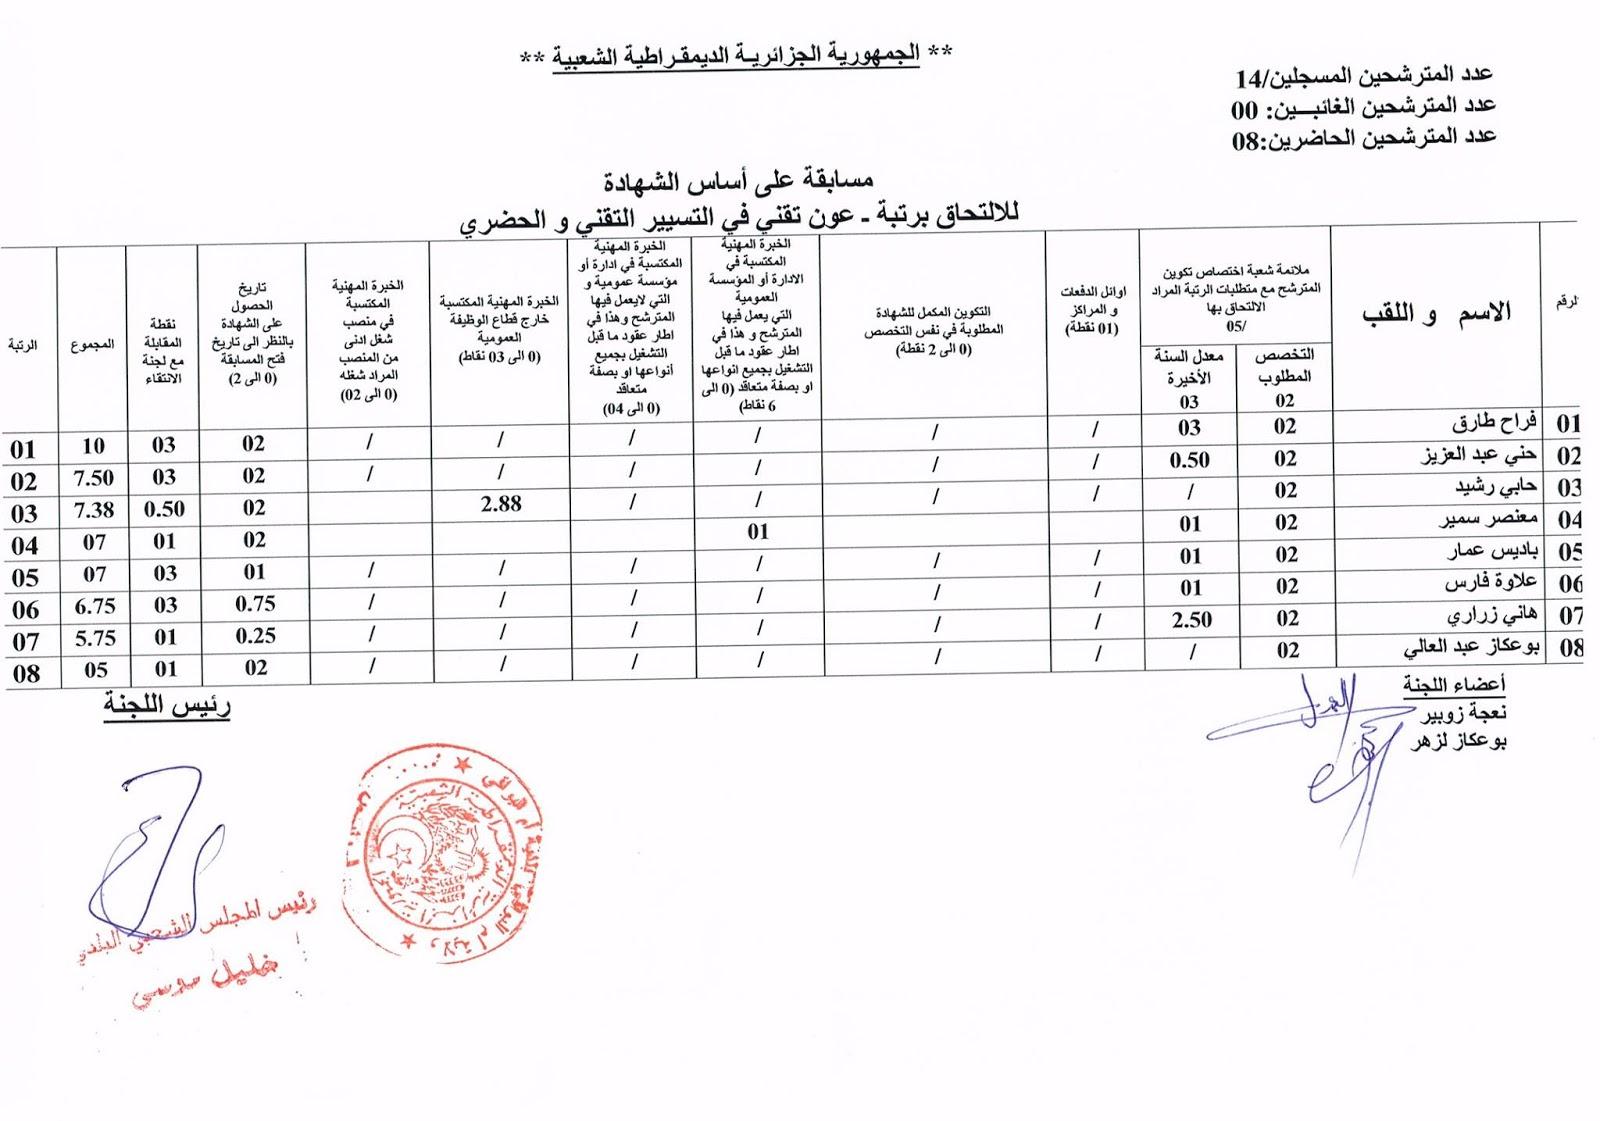 نتائج مسابقات التوظيف في المجلس الشعبي البلدي لأم البواقي 2014 - نتائج المسابقات في ولاية ام البواقي 2014  09